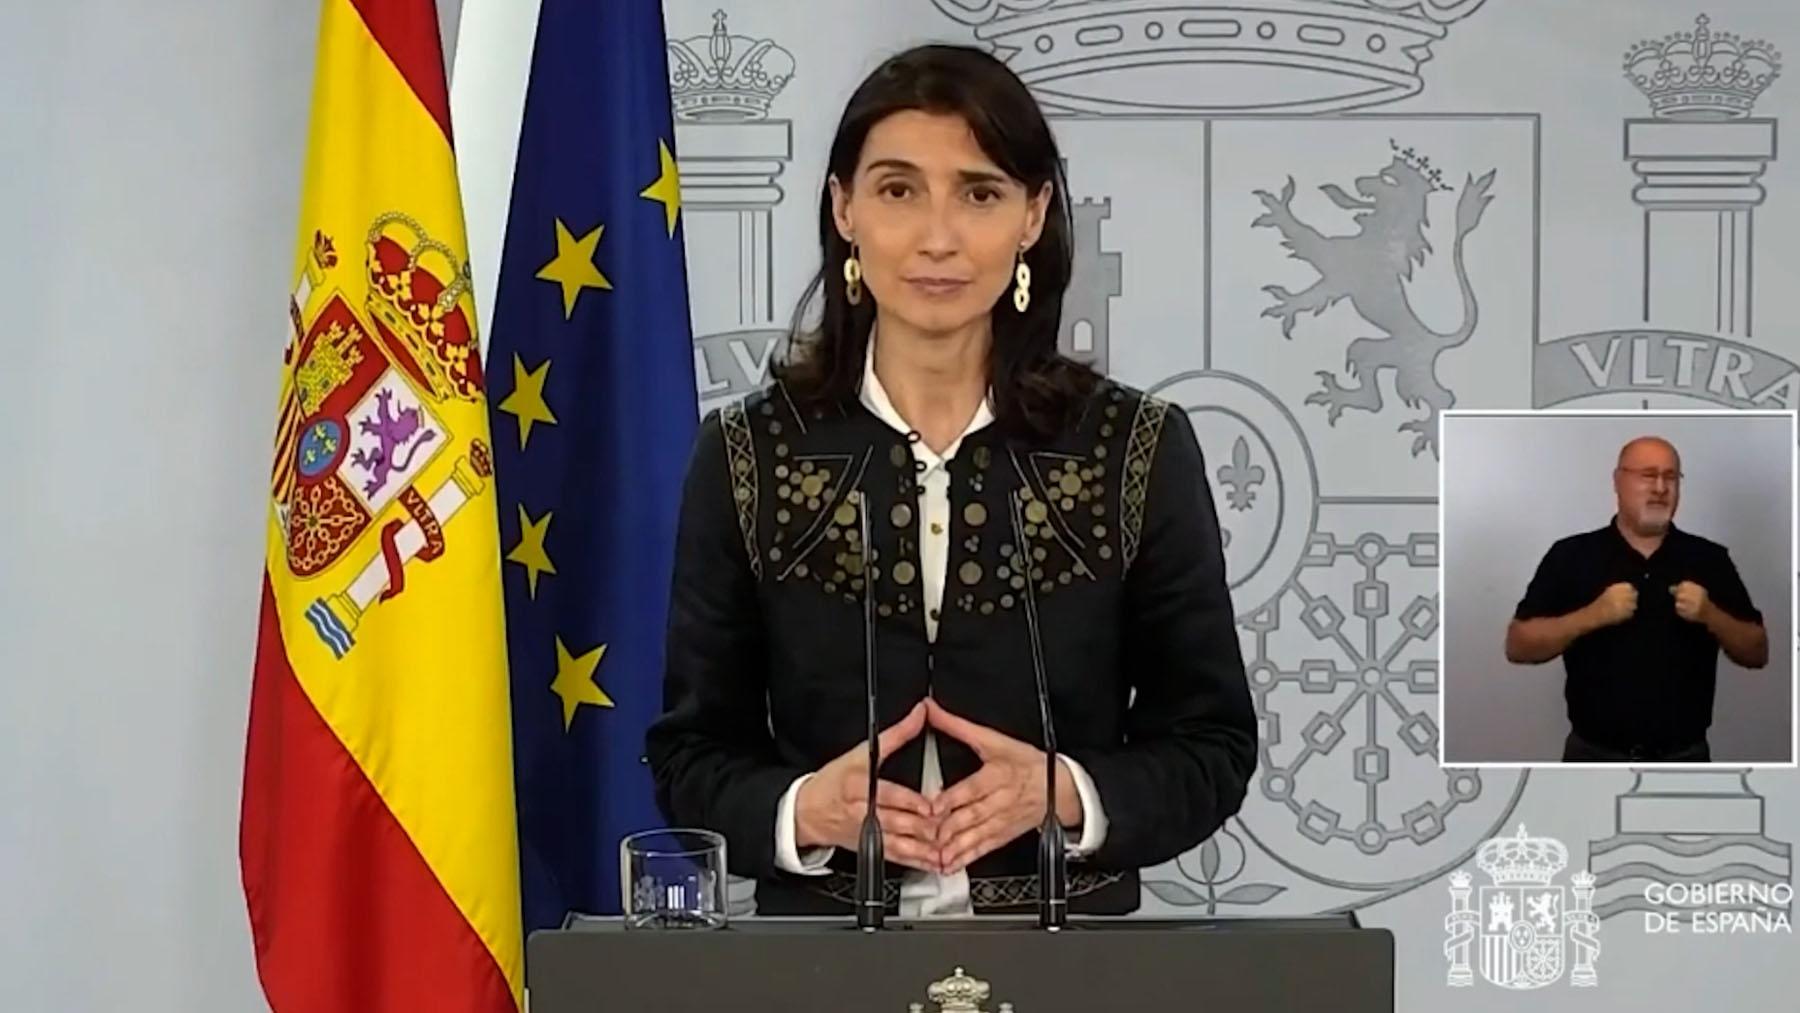 La nueva ministra de Justicia Pilar Llop